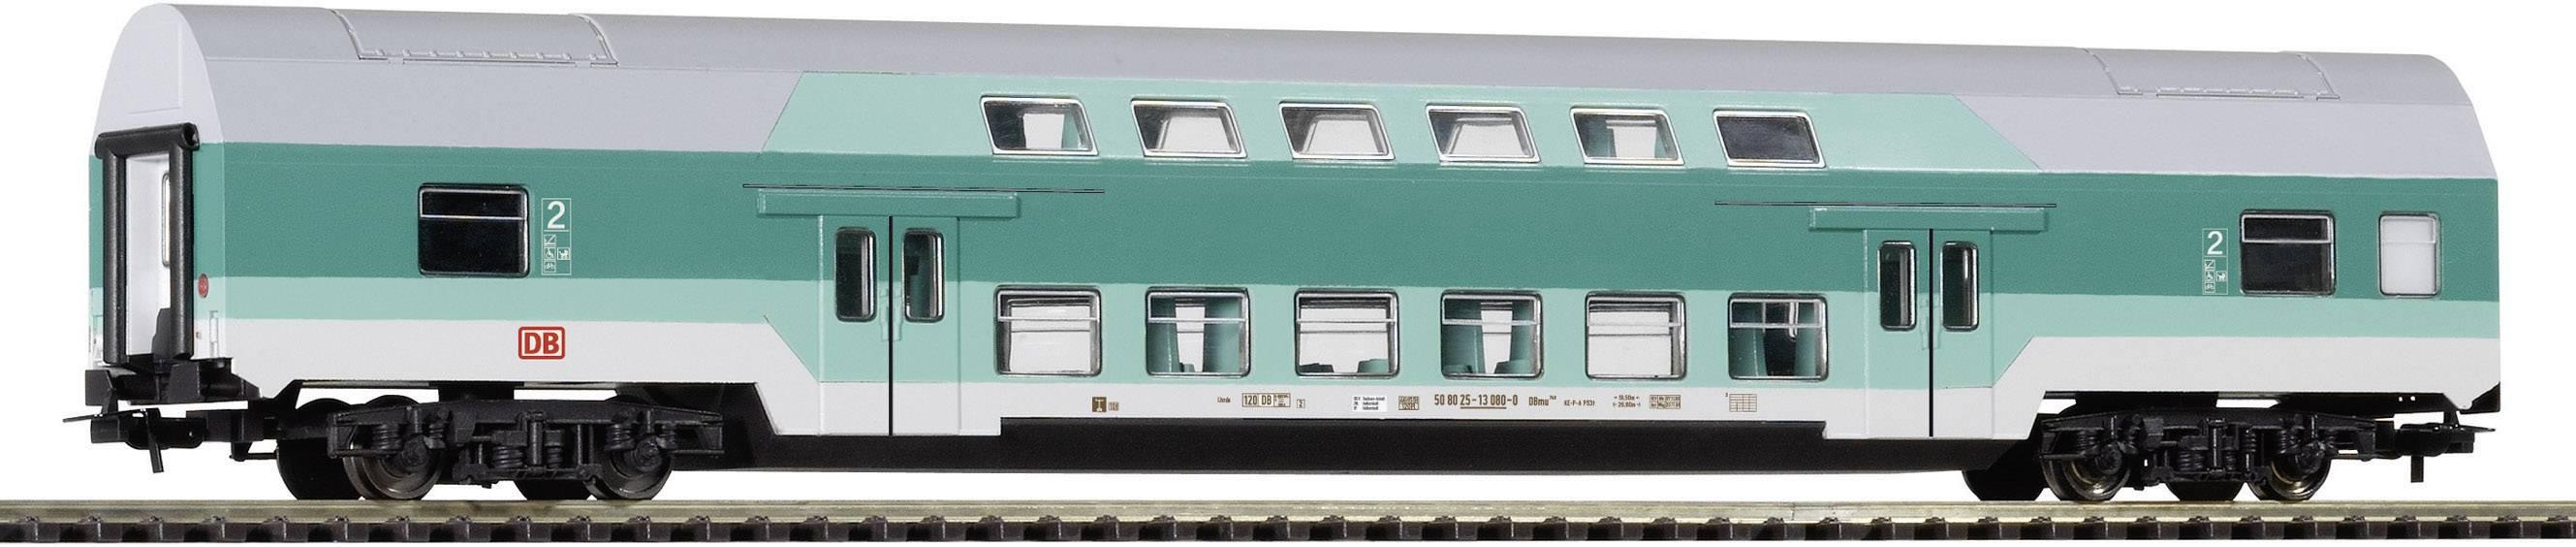 H0 dvojposchodový vlak, model DB AG,TÜRKIS, Piko H0 57680